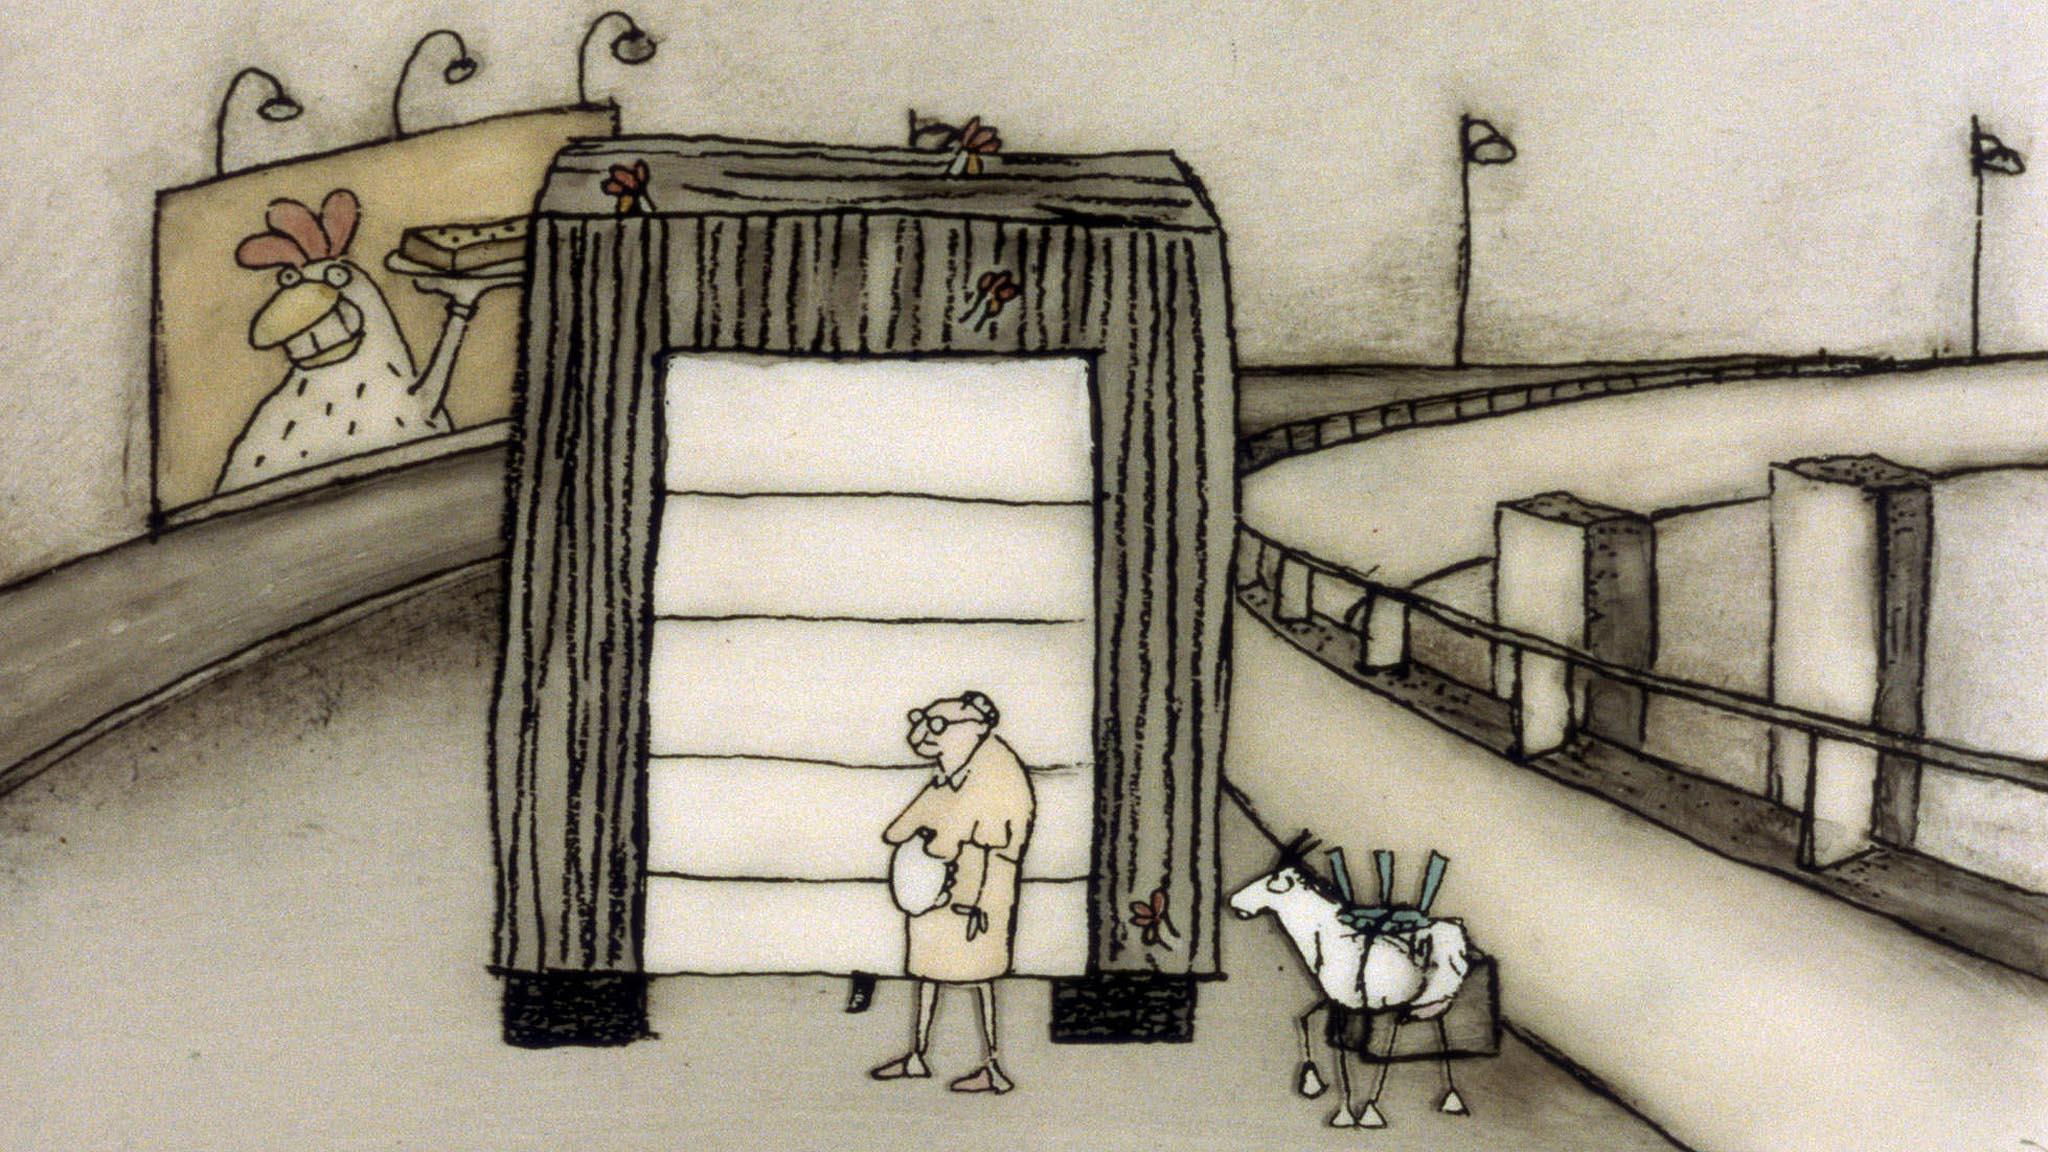 Tali et Obom : du cartoon à l'autofiction